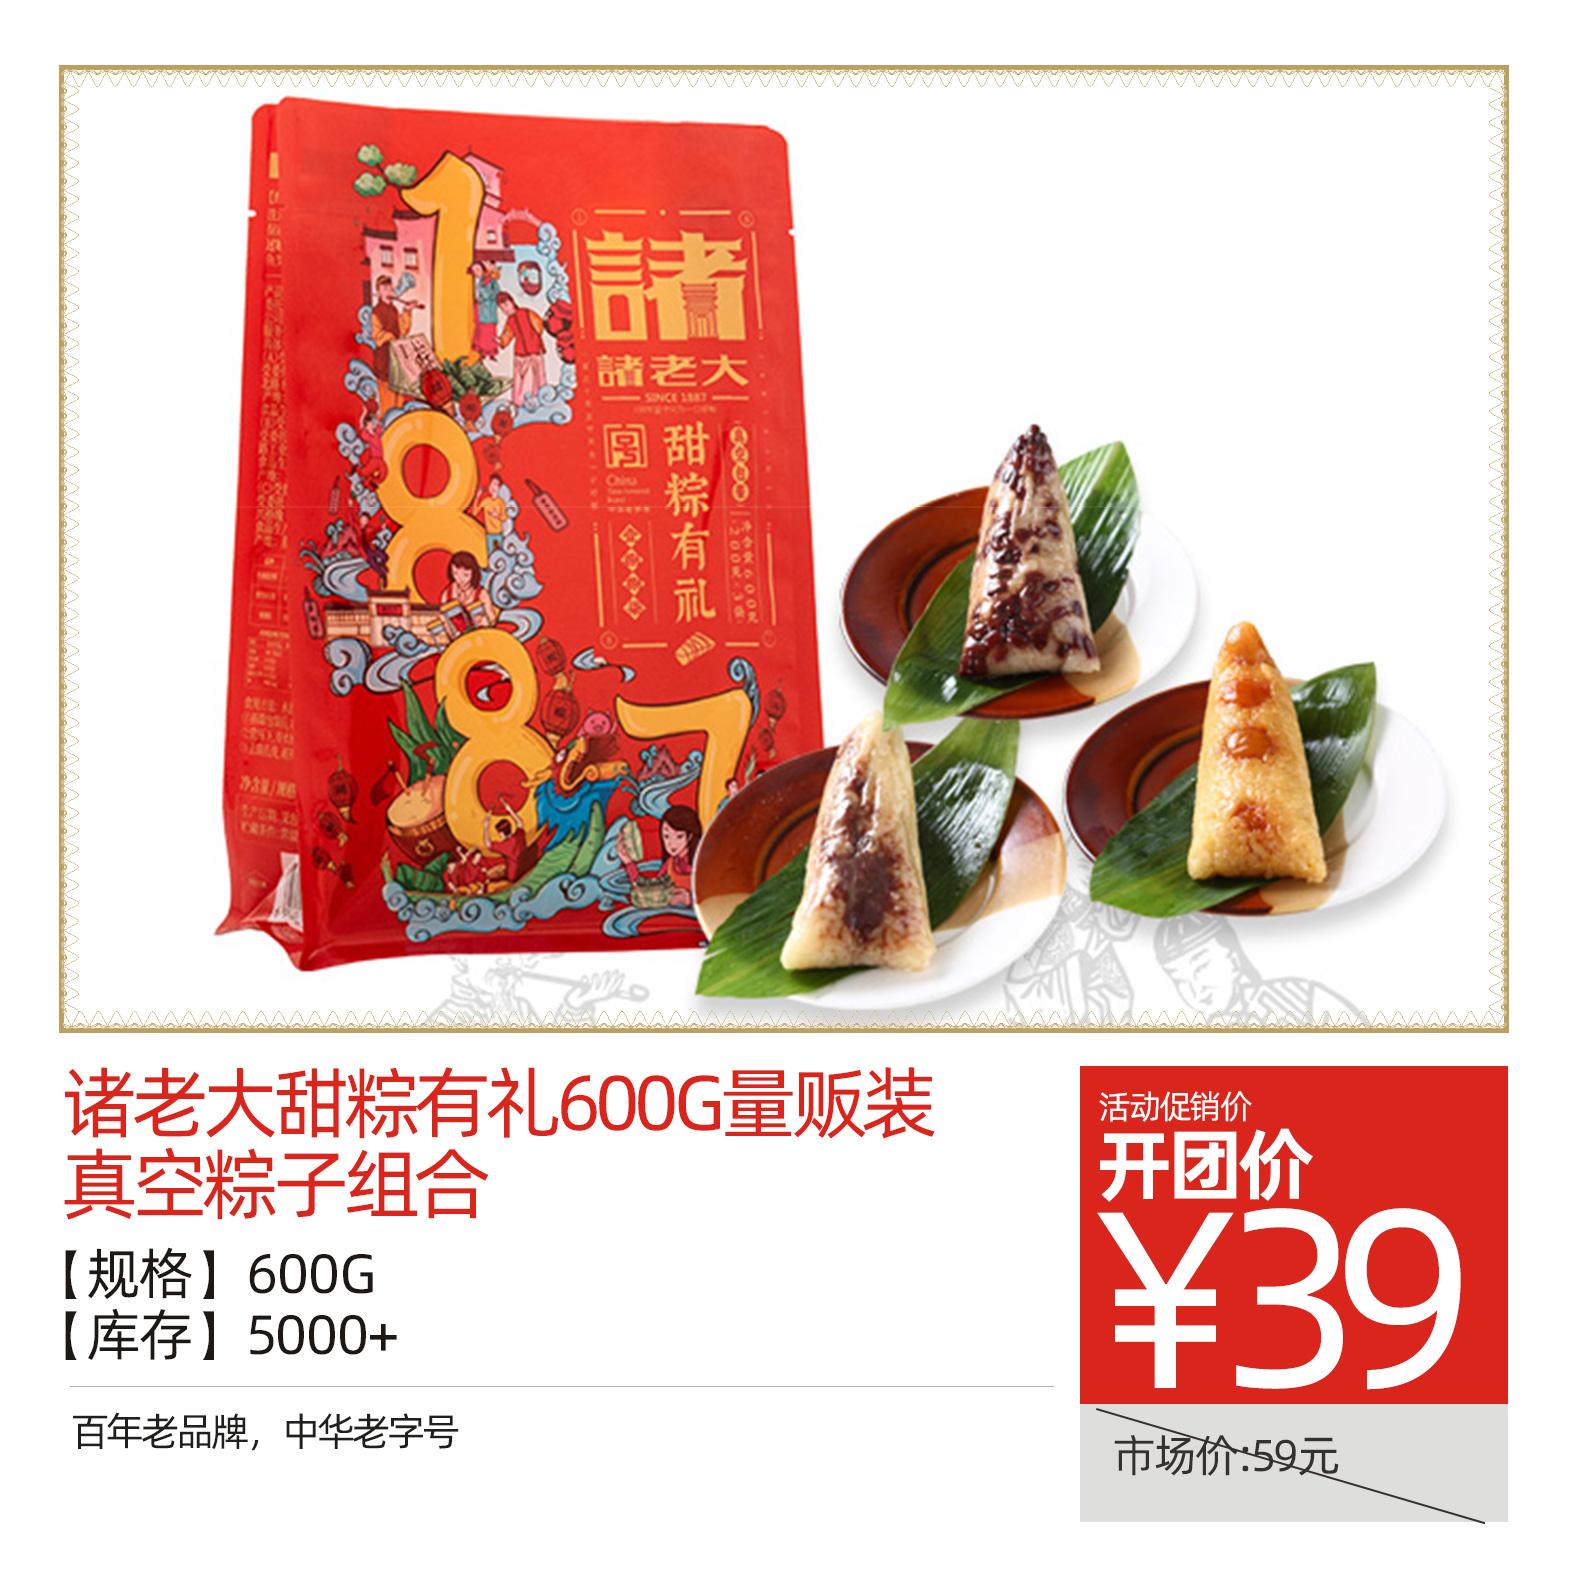 诸老大甜粽有礼600g量贩装真空粽子组合